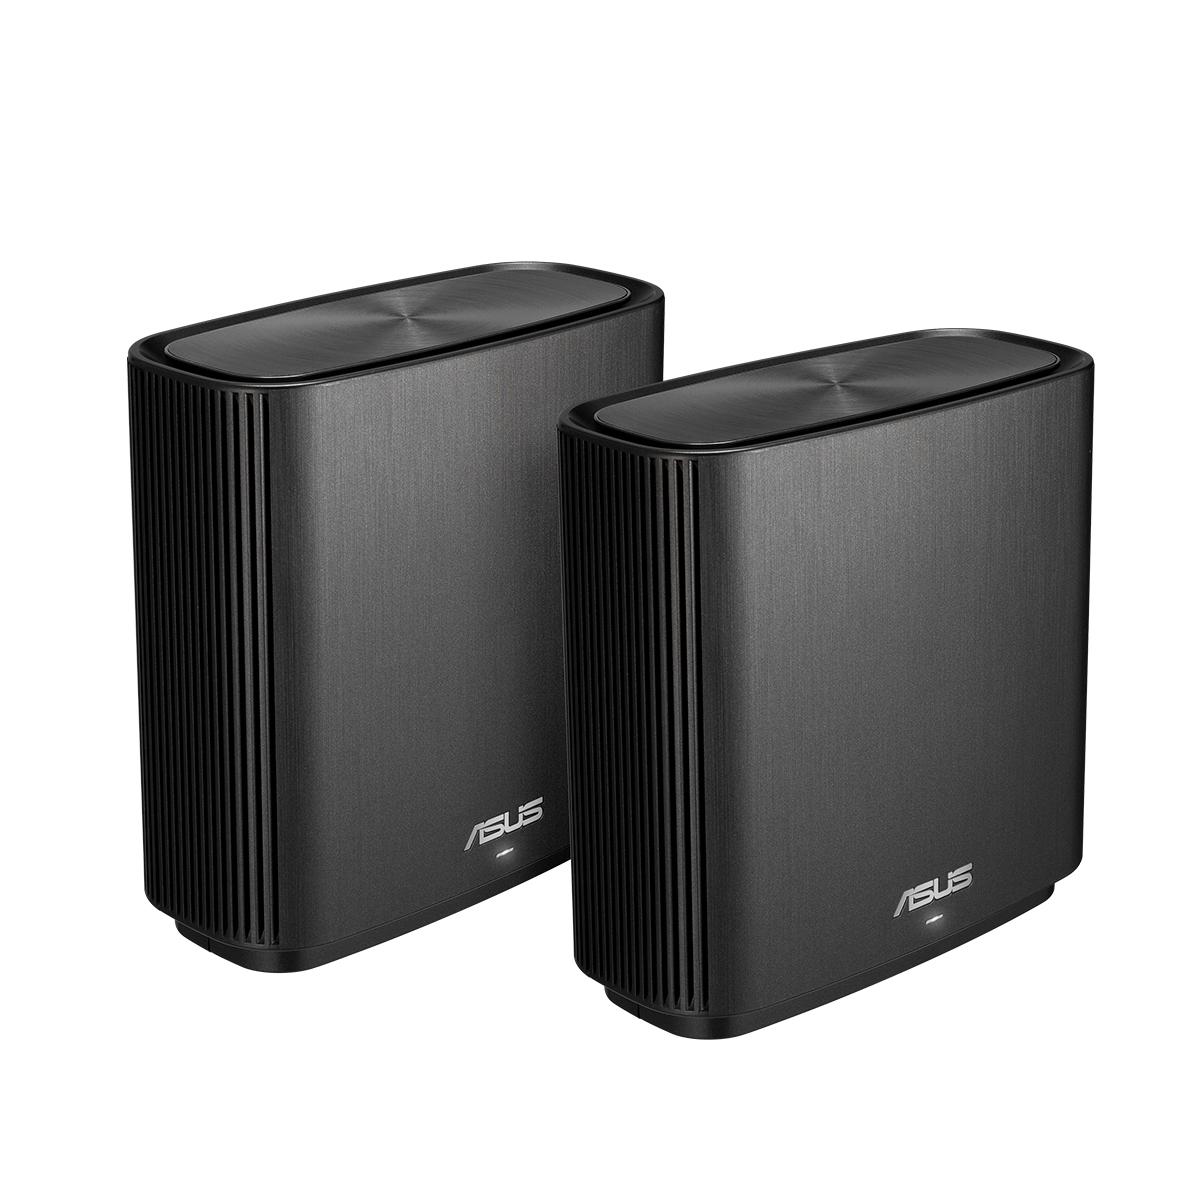 華碩 ZENWIFI AC CT8三頻WiFi無線路由器